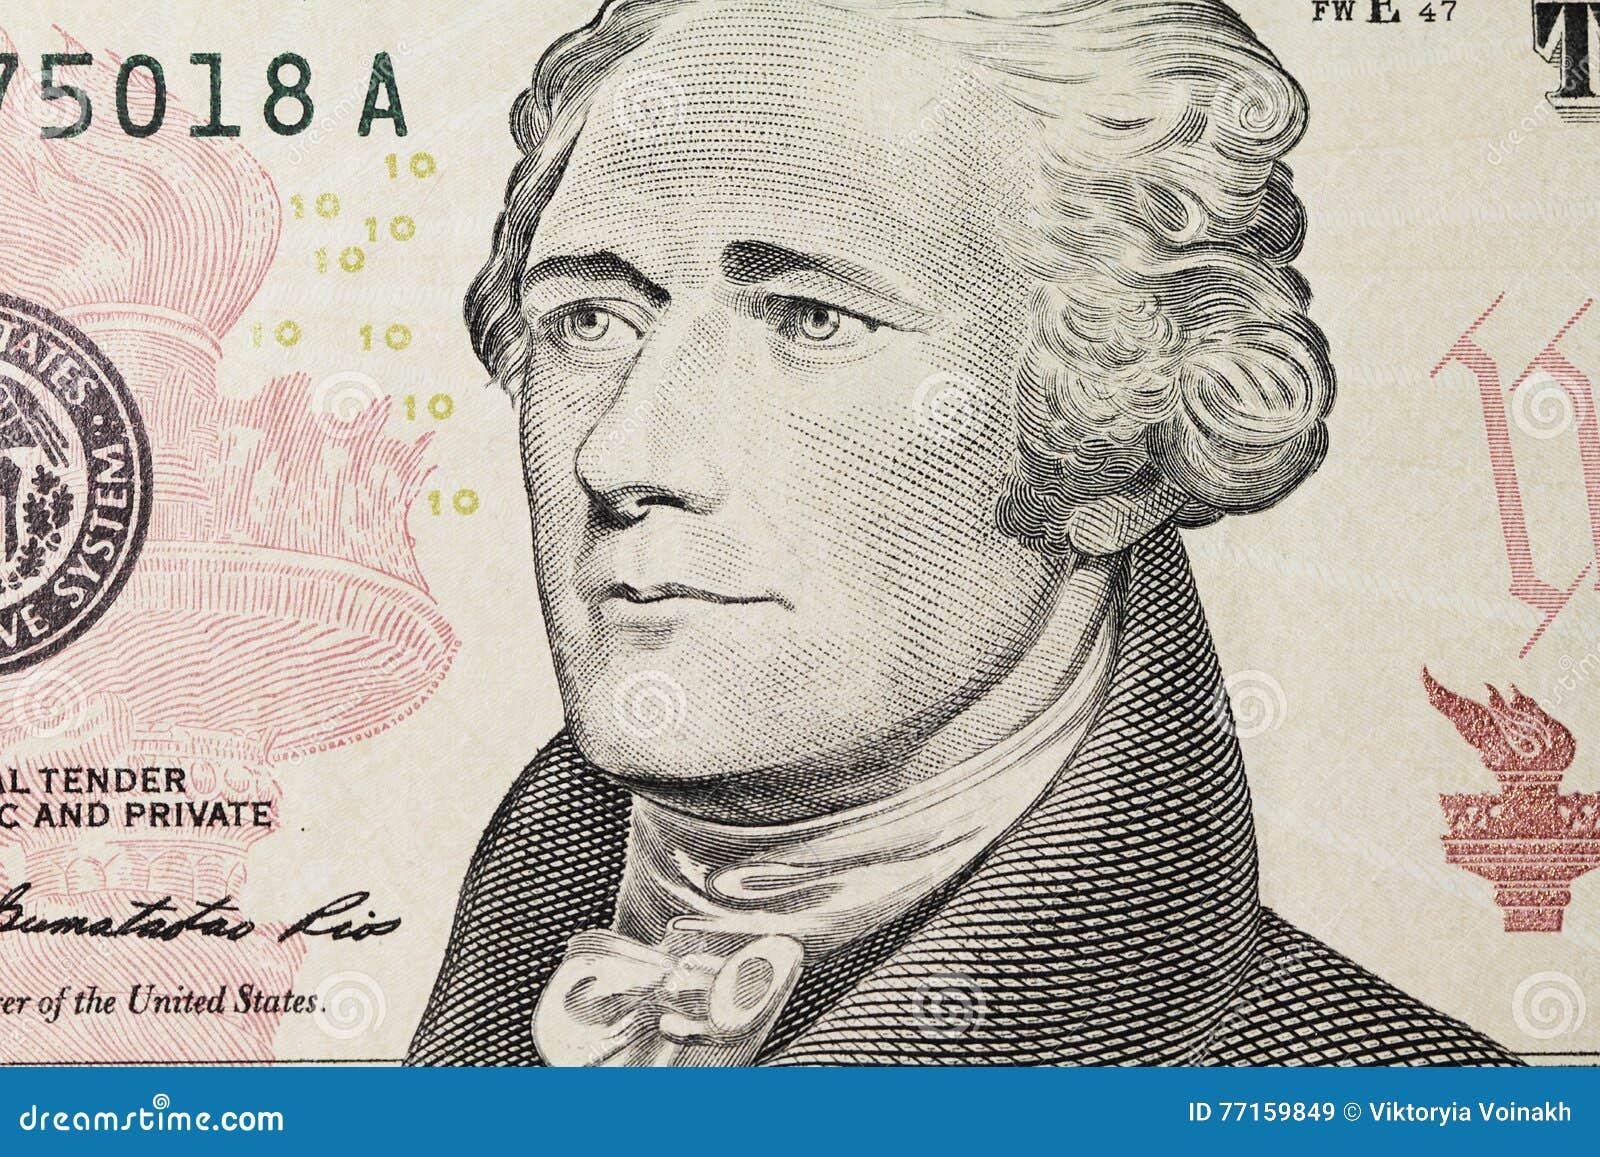 Le portrait de Hamilton sur le dollar